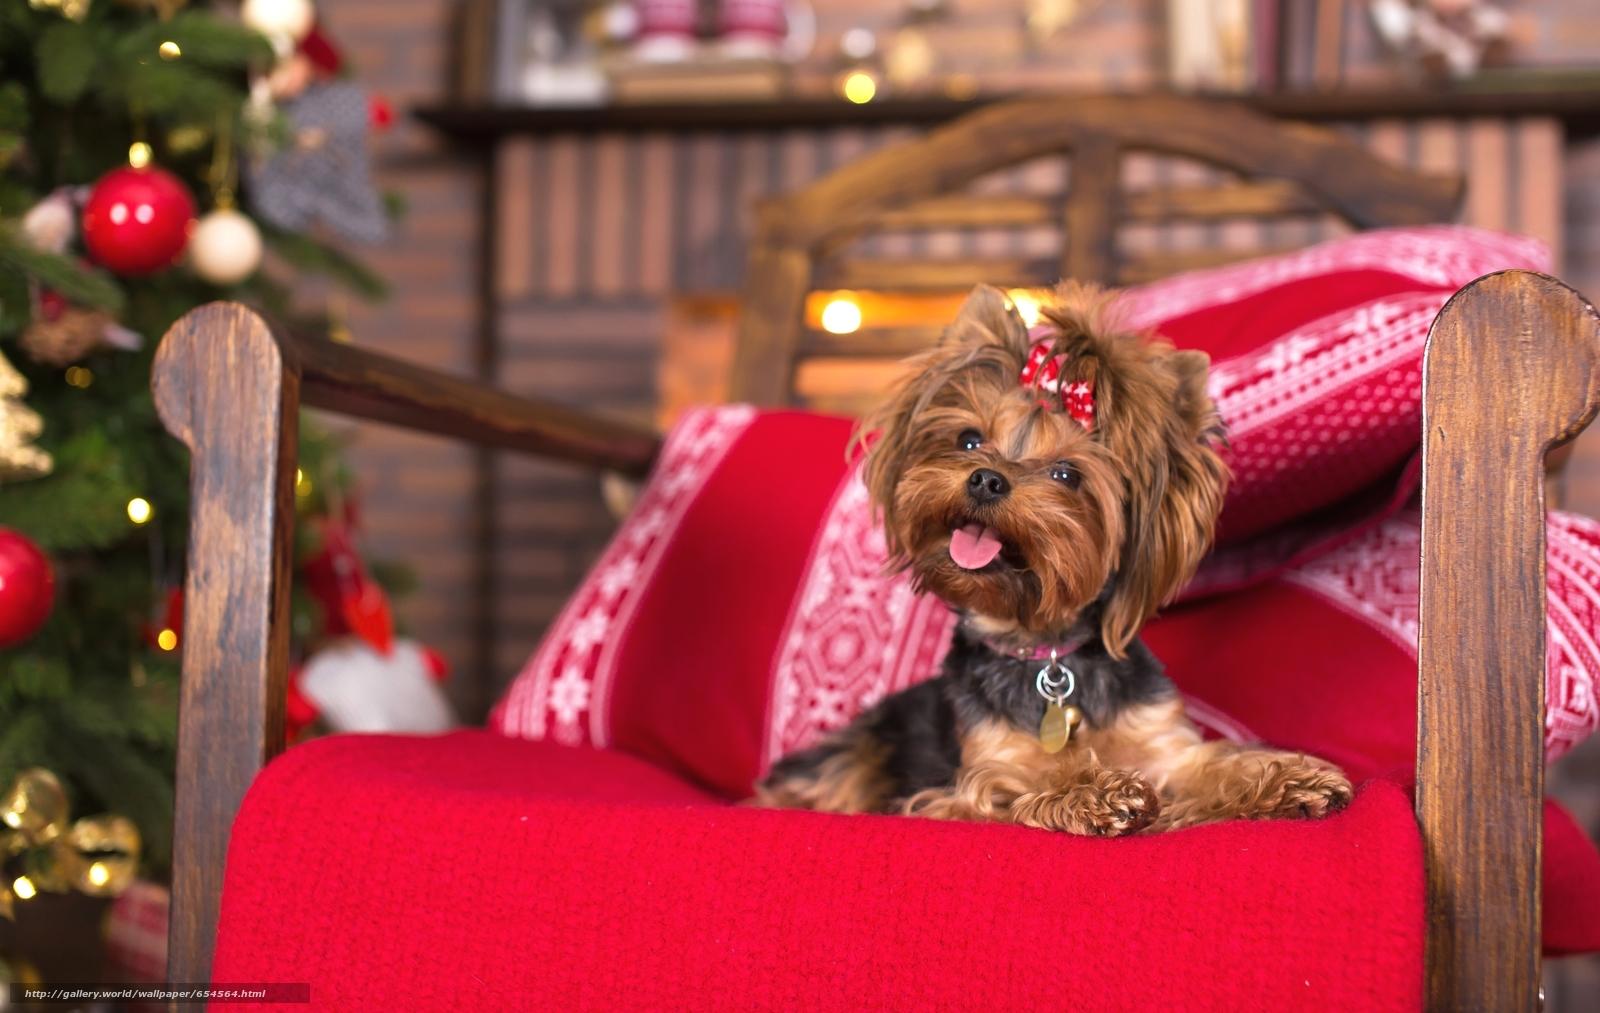 Скачать обои Йоркширский терьер,  собака,  собачонка,  кресло бесплатно для рабочего стола в разрешении 2400x1519 — картинка №654564